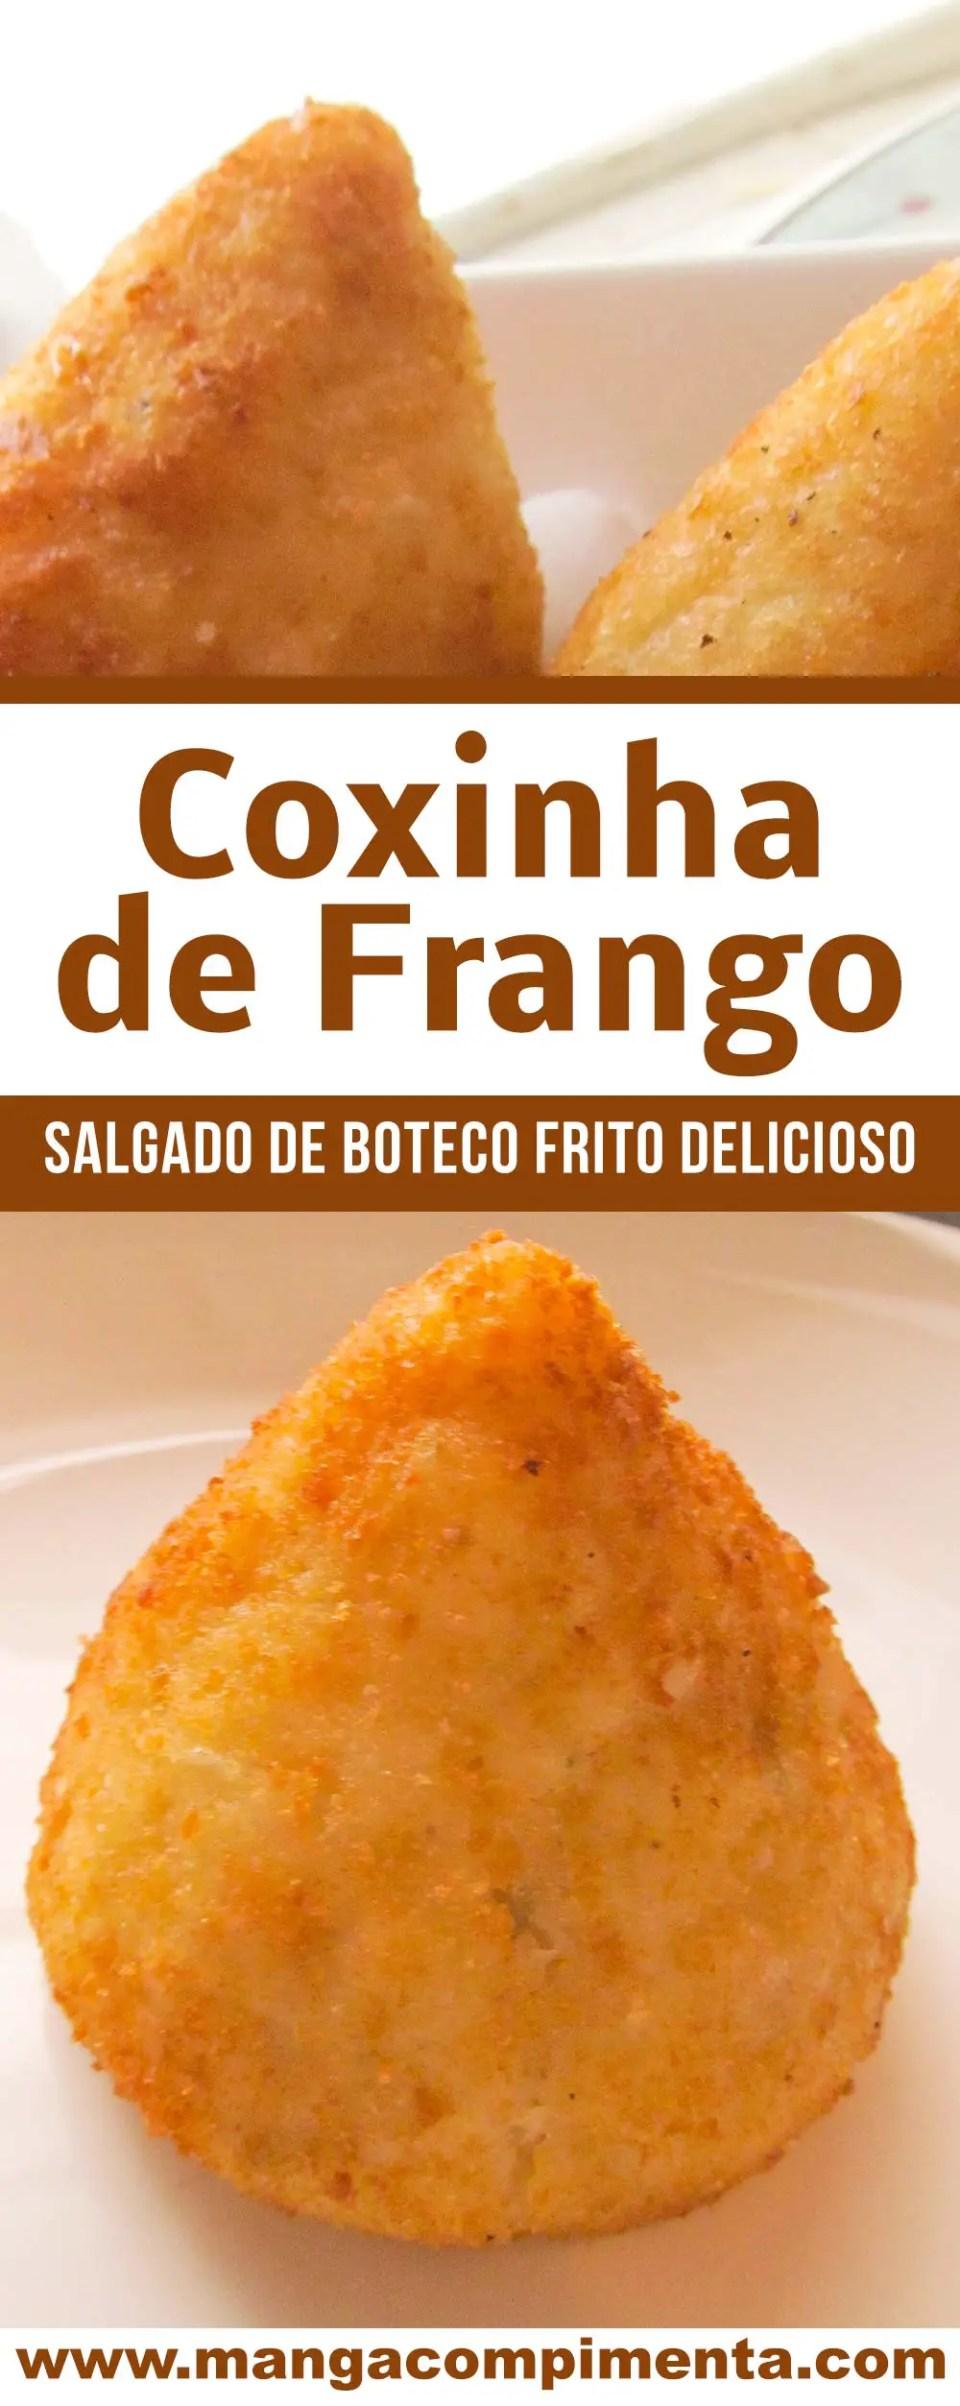 Coxinha de Frango - um petisco de boteco delicioso para beliscar!